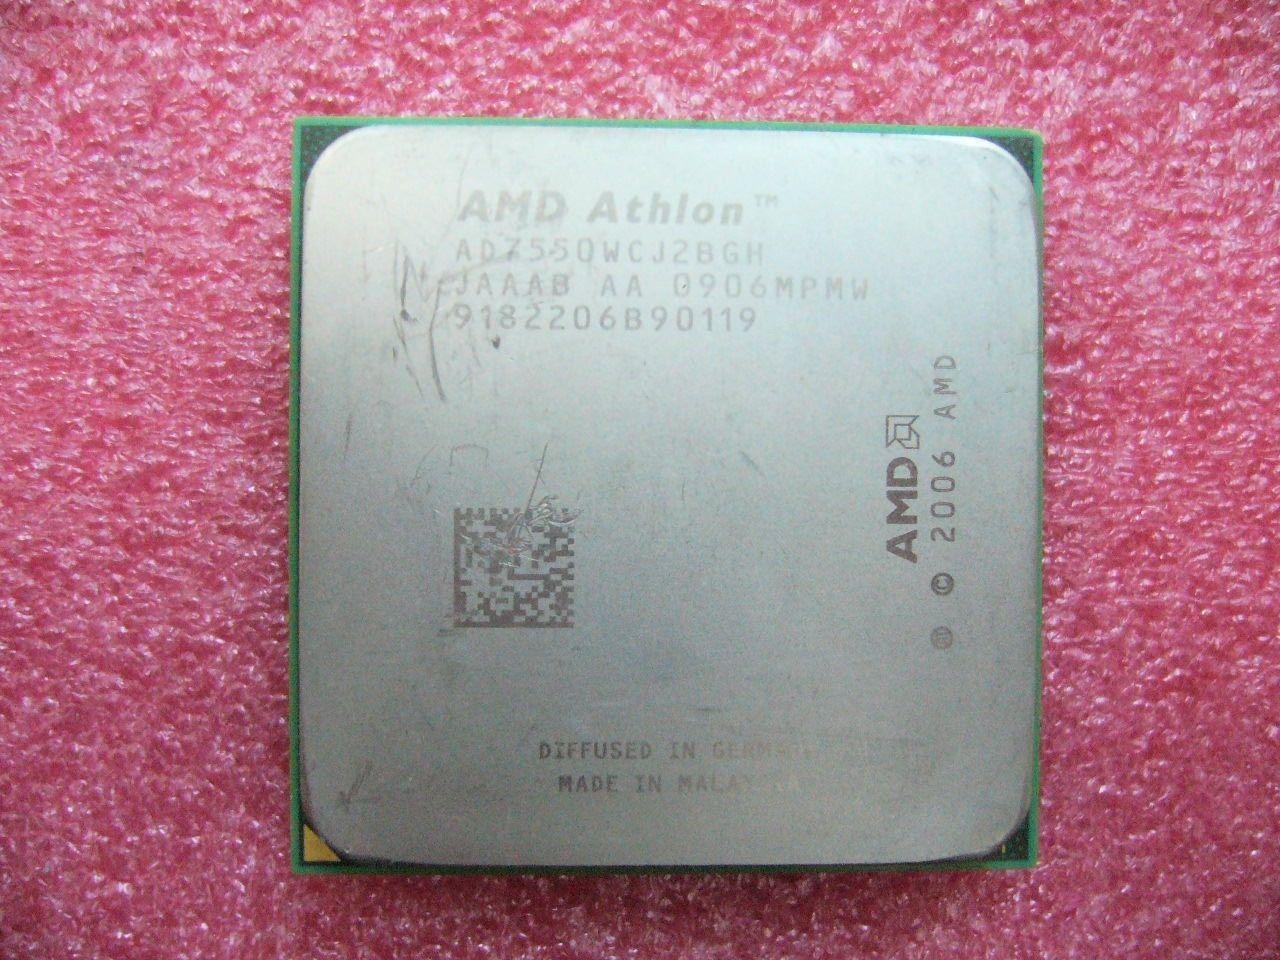 QTY 1X AMD Athlon X2 7550 ثنائي النواة 2.5 جيجاهرتز (AD7550WCJ2BGH) مقبس وحدة المعالجة المركزية AM2 +